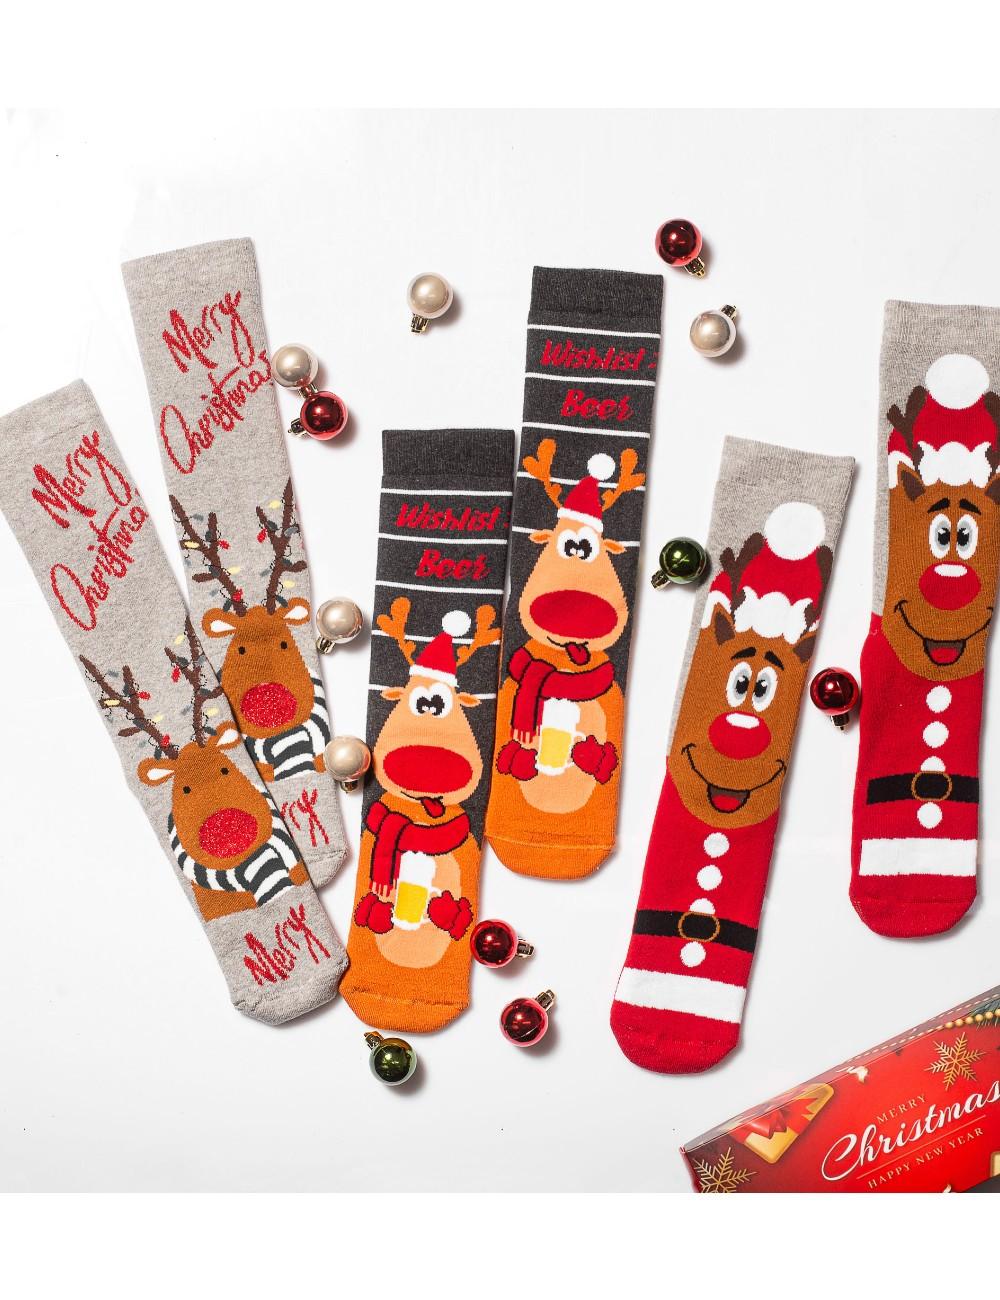 Κάλτσες Χριστουγεννιάτικες Merry Christmas Vtexsocks Σετ 3 τμχ